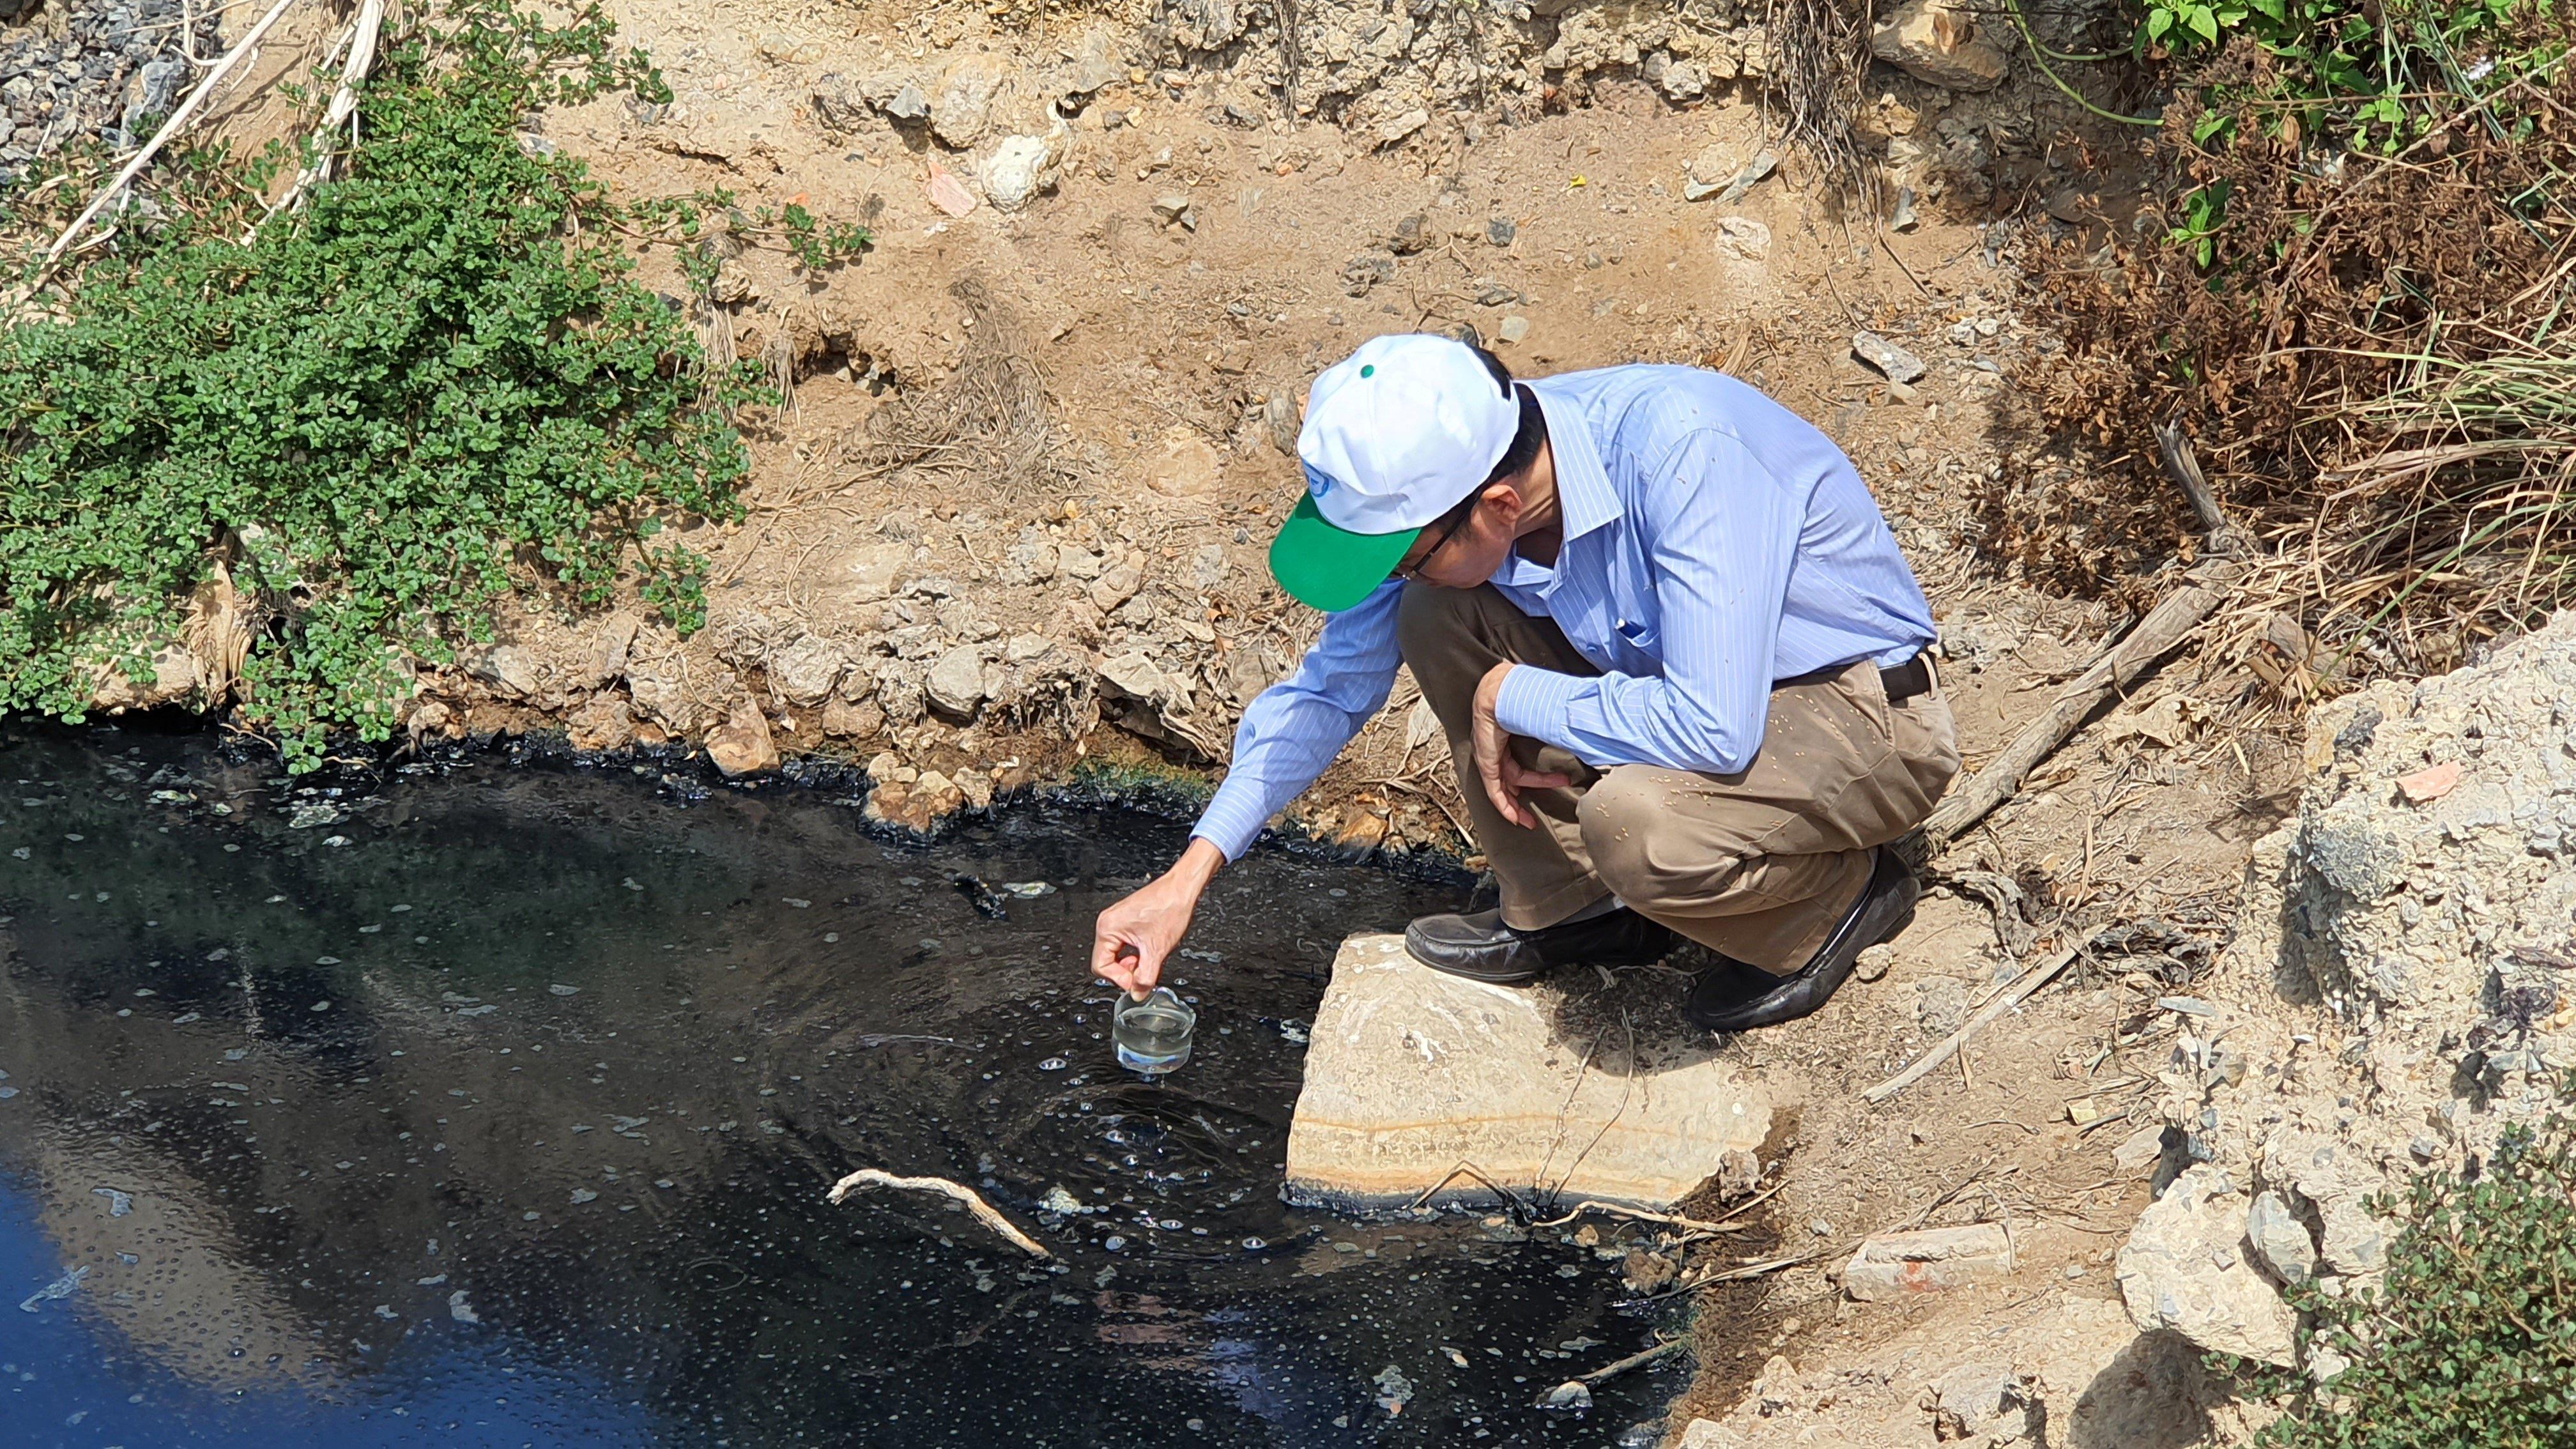 Lực lượng chức năng đang lấy mẫu nước để thử nhiệm tại khu vực cống xả thải.